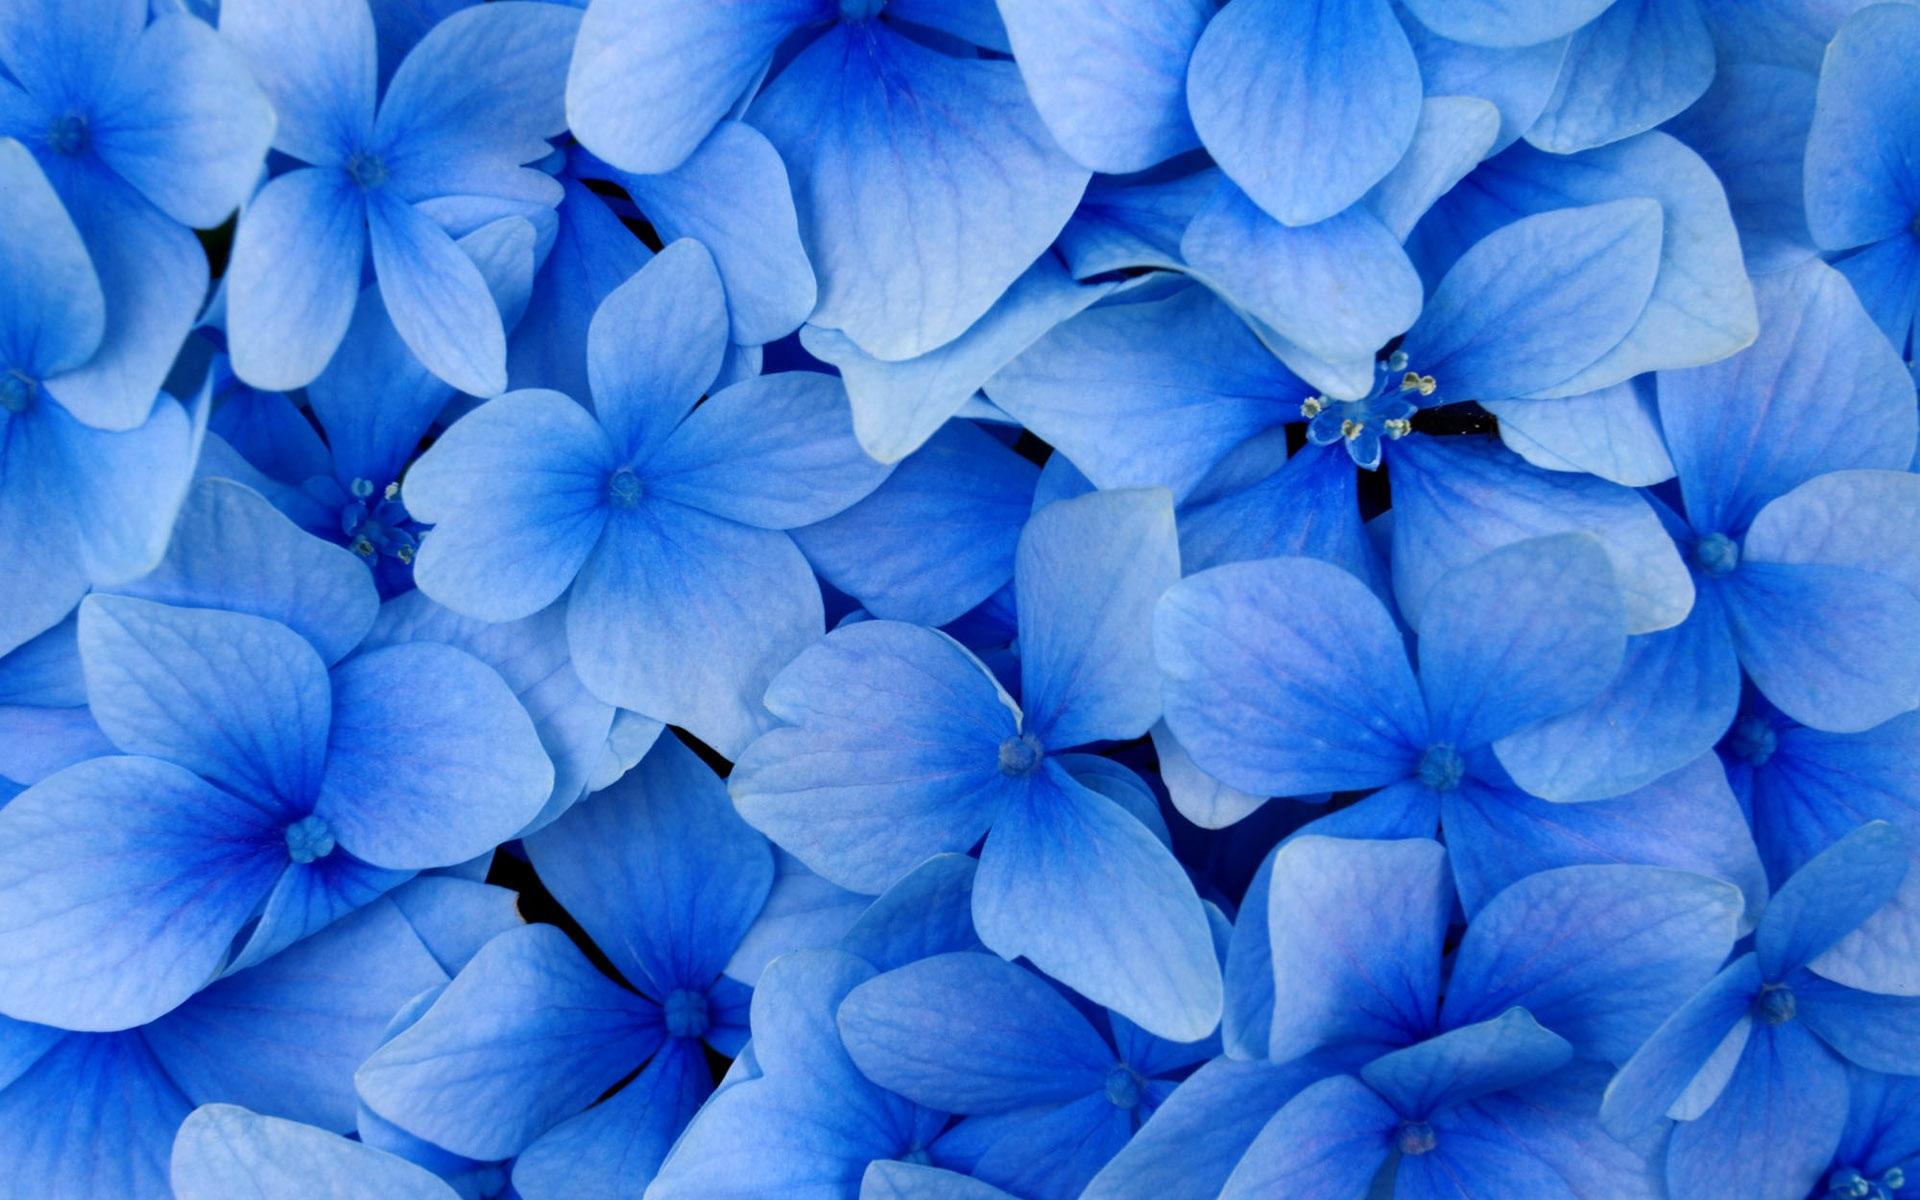 Blaue blumen hintergrundbilder - 1920x1200